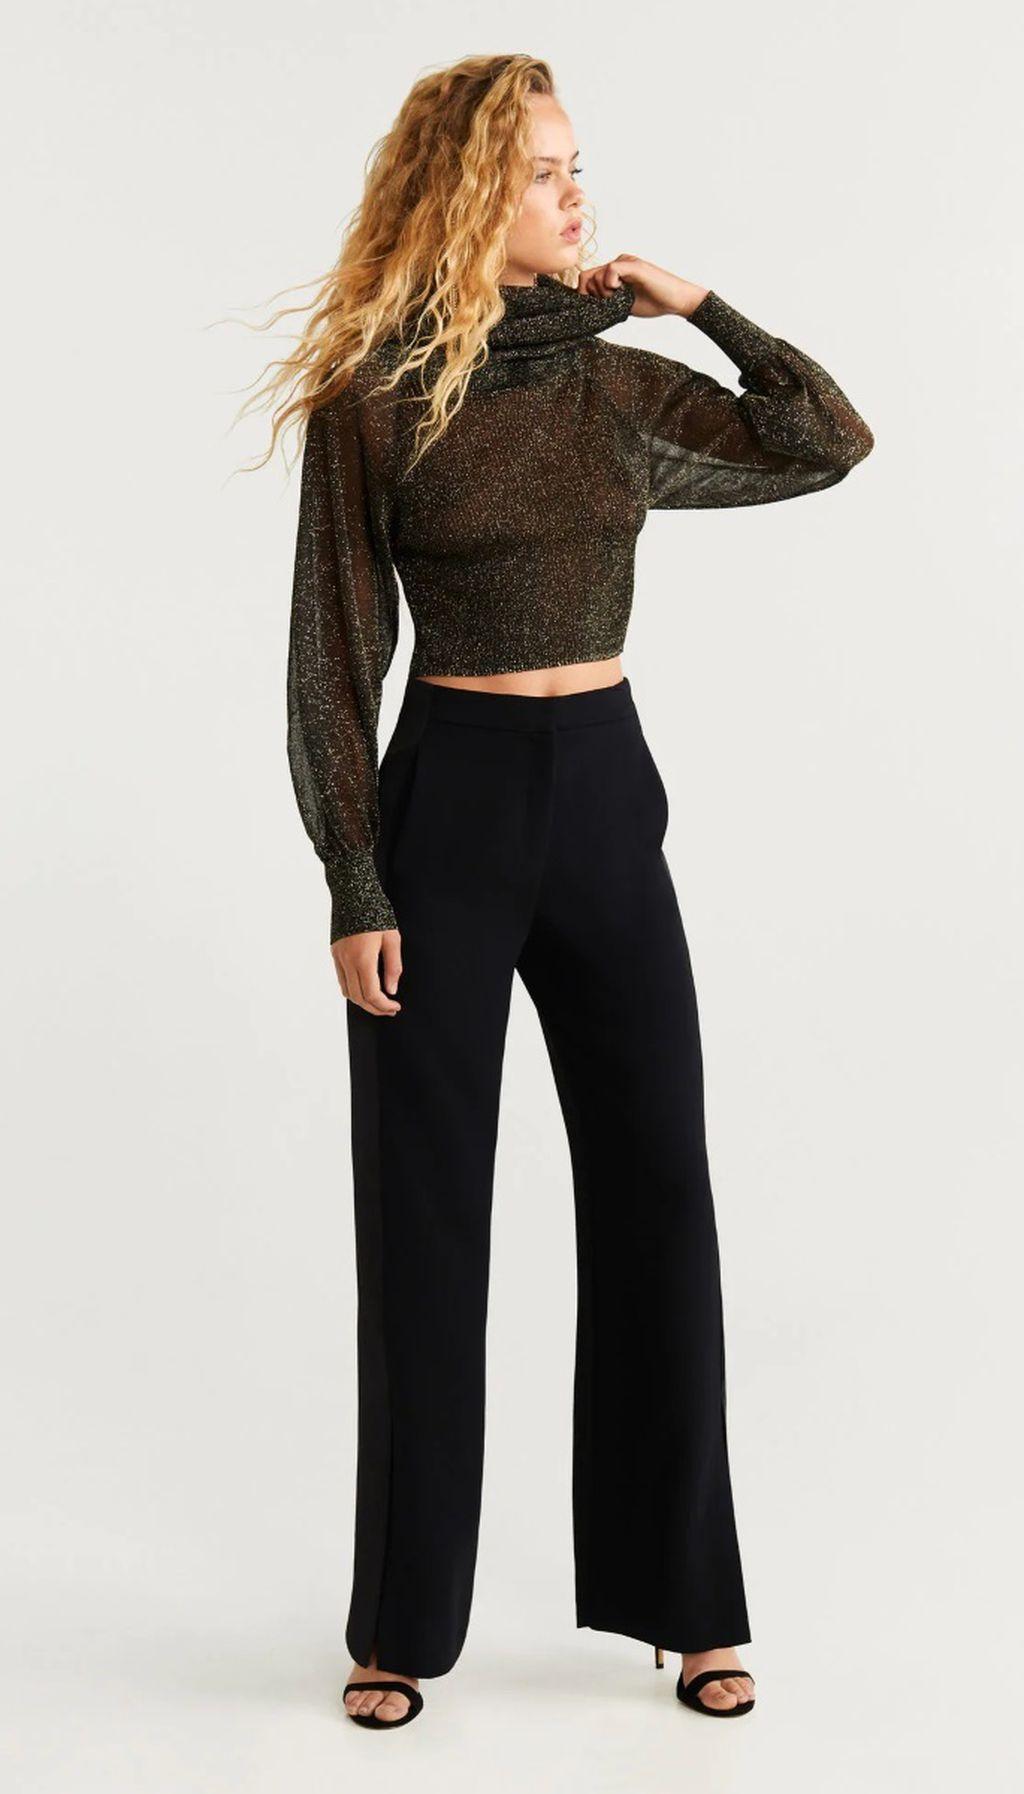 Crne hlače do veličine XXL - 3